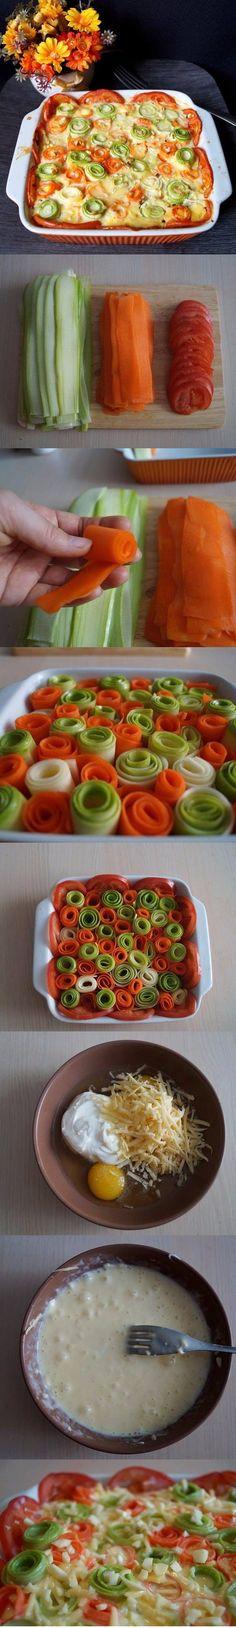 Красивая овощная запеканка Ингредиенты: Кабачок молодой — 1 шт. Морковь крупная — 1 шт. Помидор — 2 шт. Яйцо — 3 шт. Сметана ( у меня 15 % ) — 100 г Сыр твёрдый — 50 г Чеснок ( по желанию ) — 3 зубчика Соль